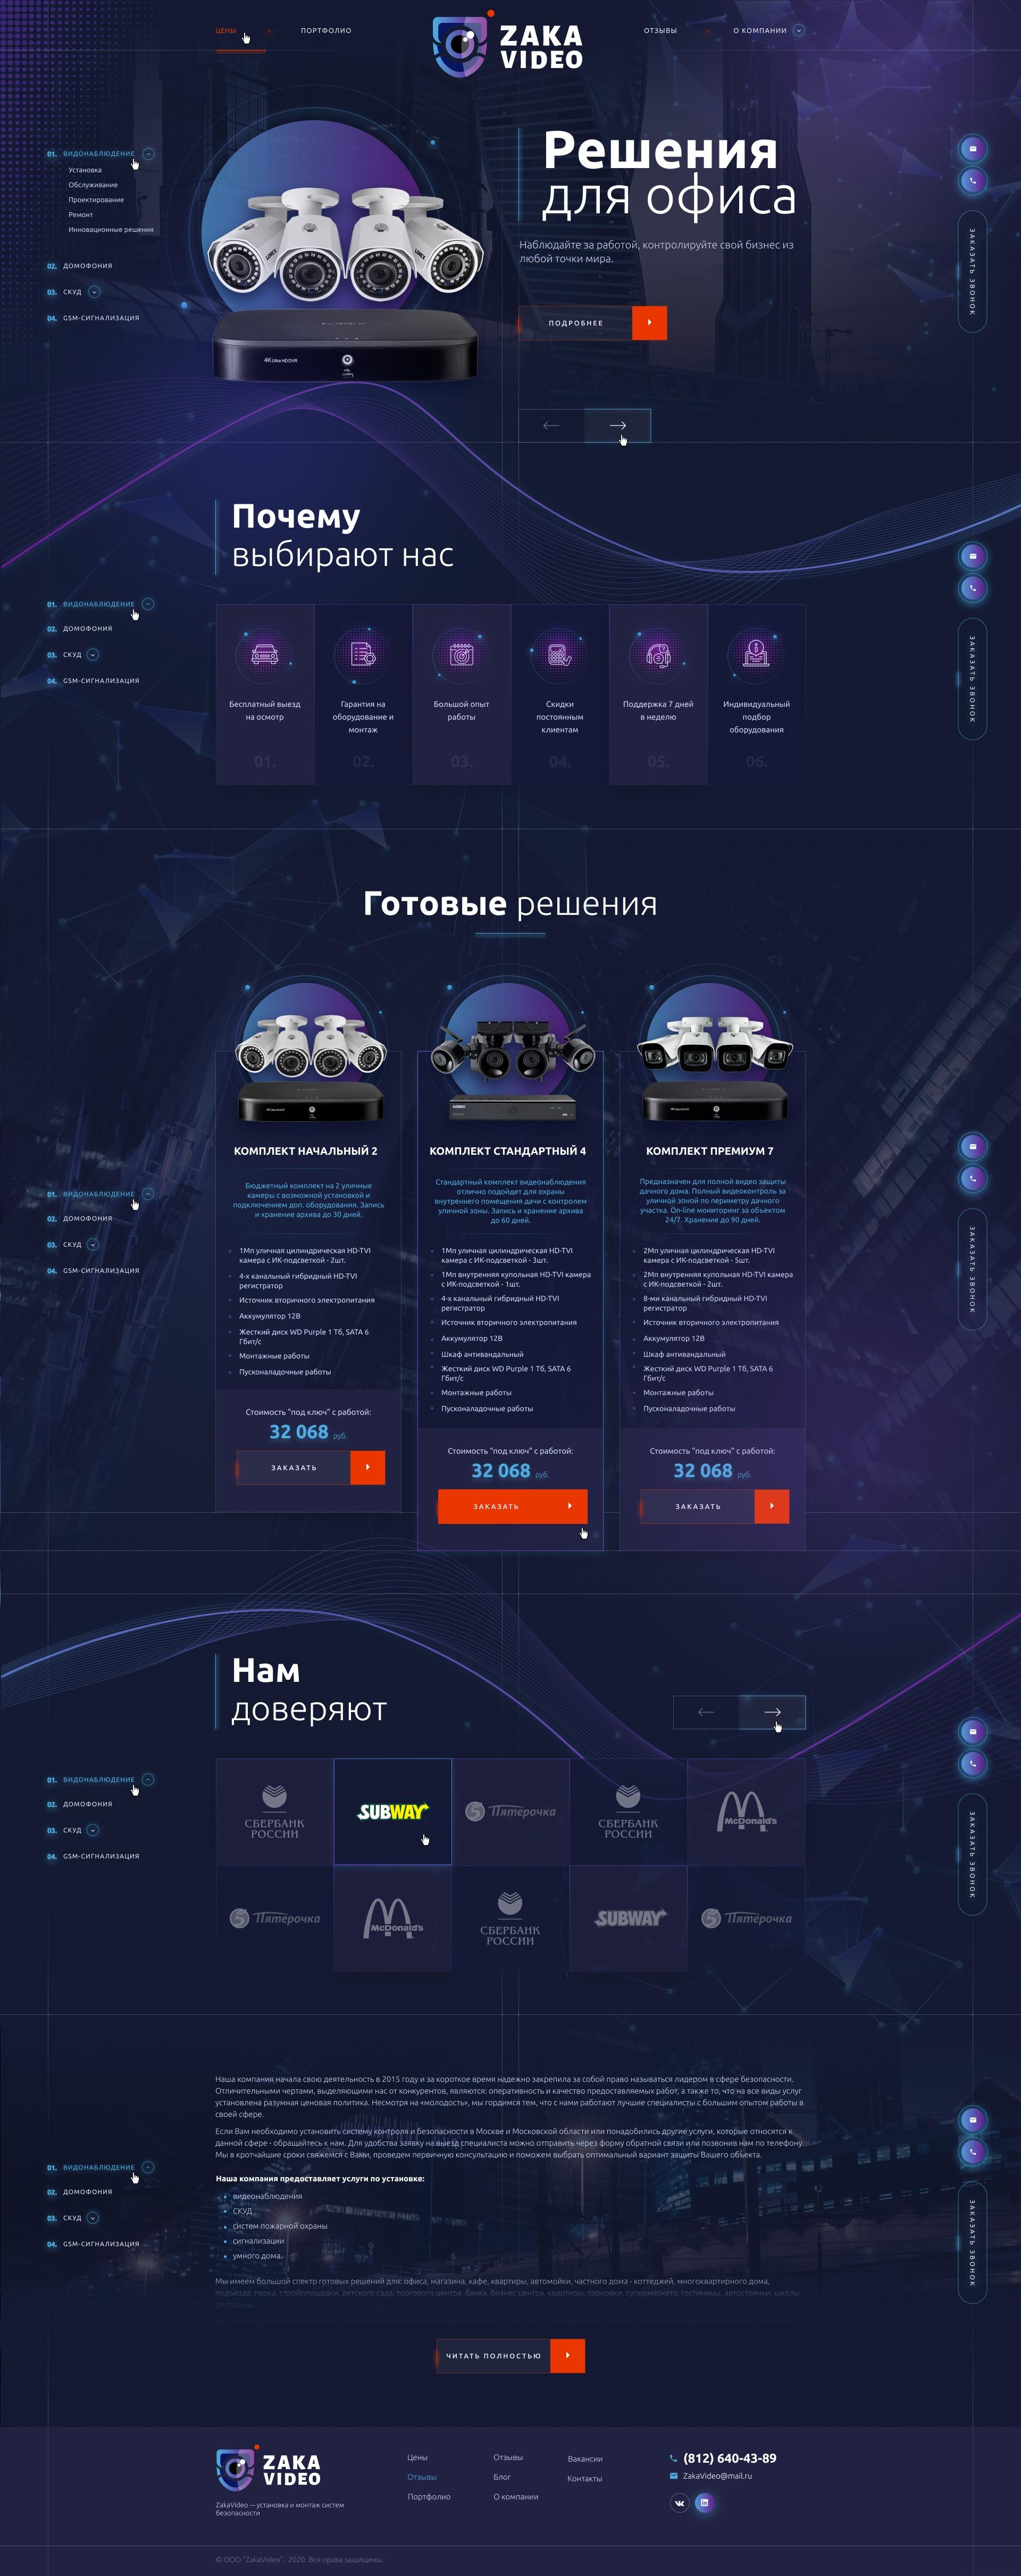 01_ZakaVideoi_Home page_0.1